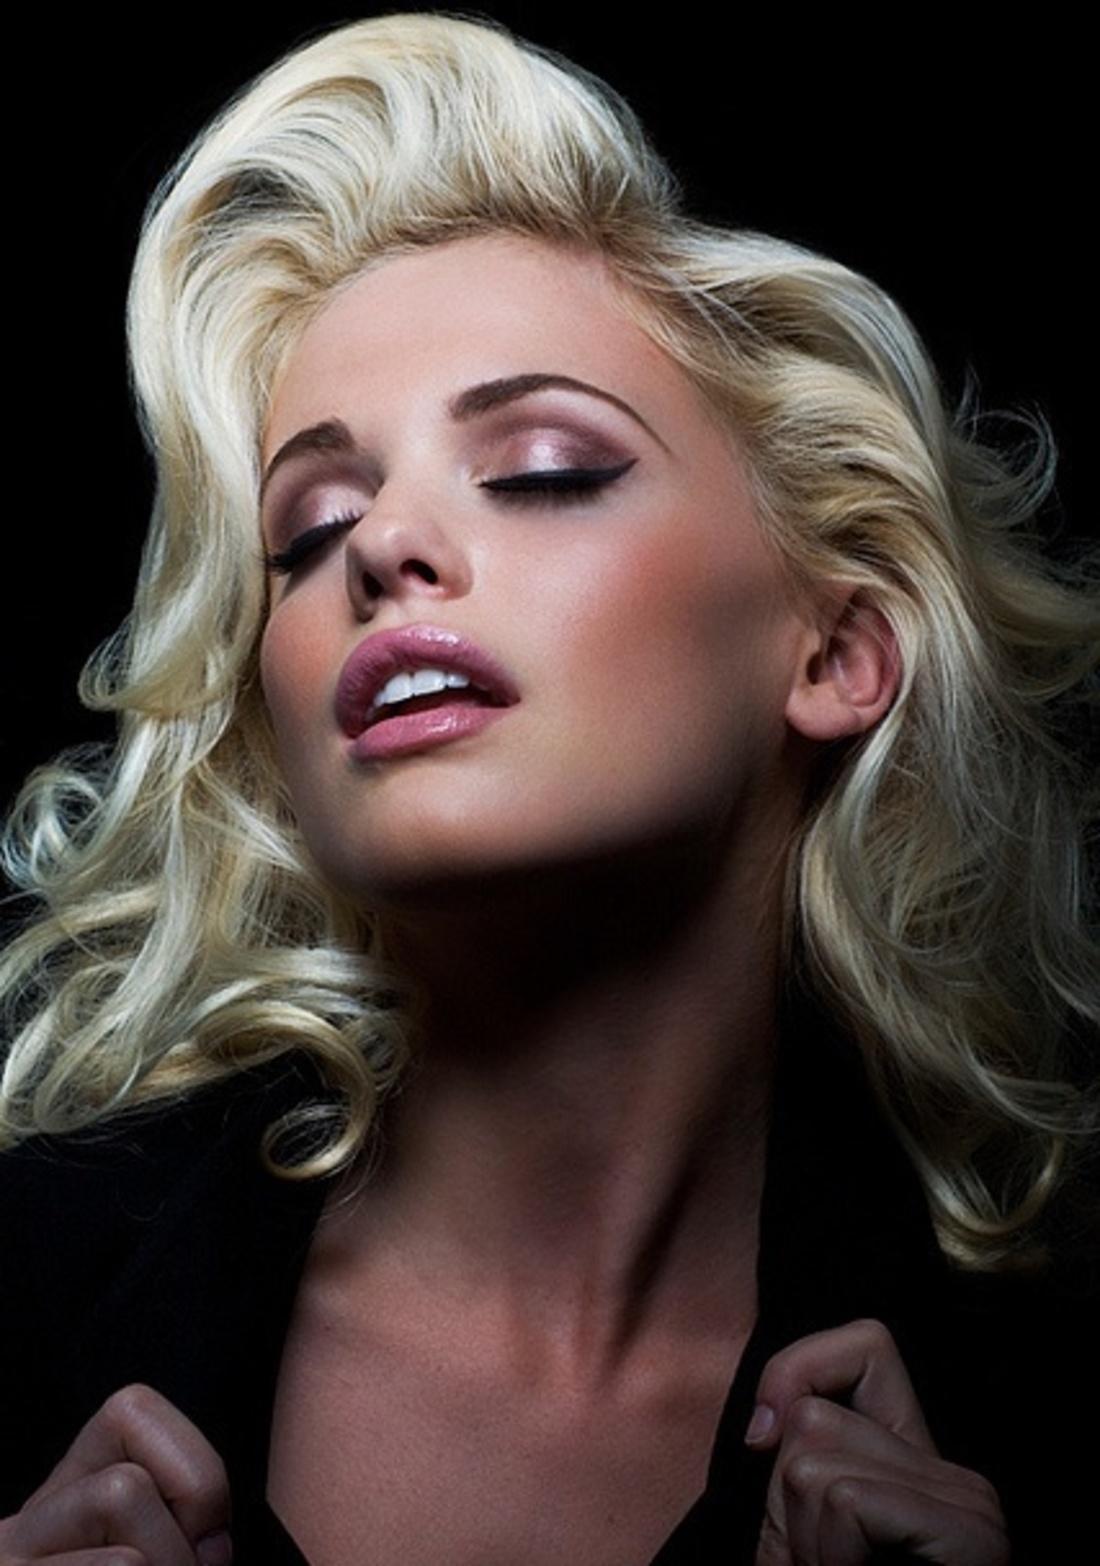 Сексуальная блондинка с некоторым удовольствием